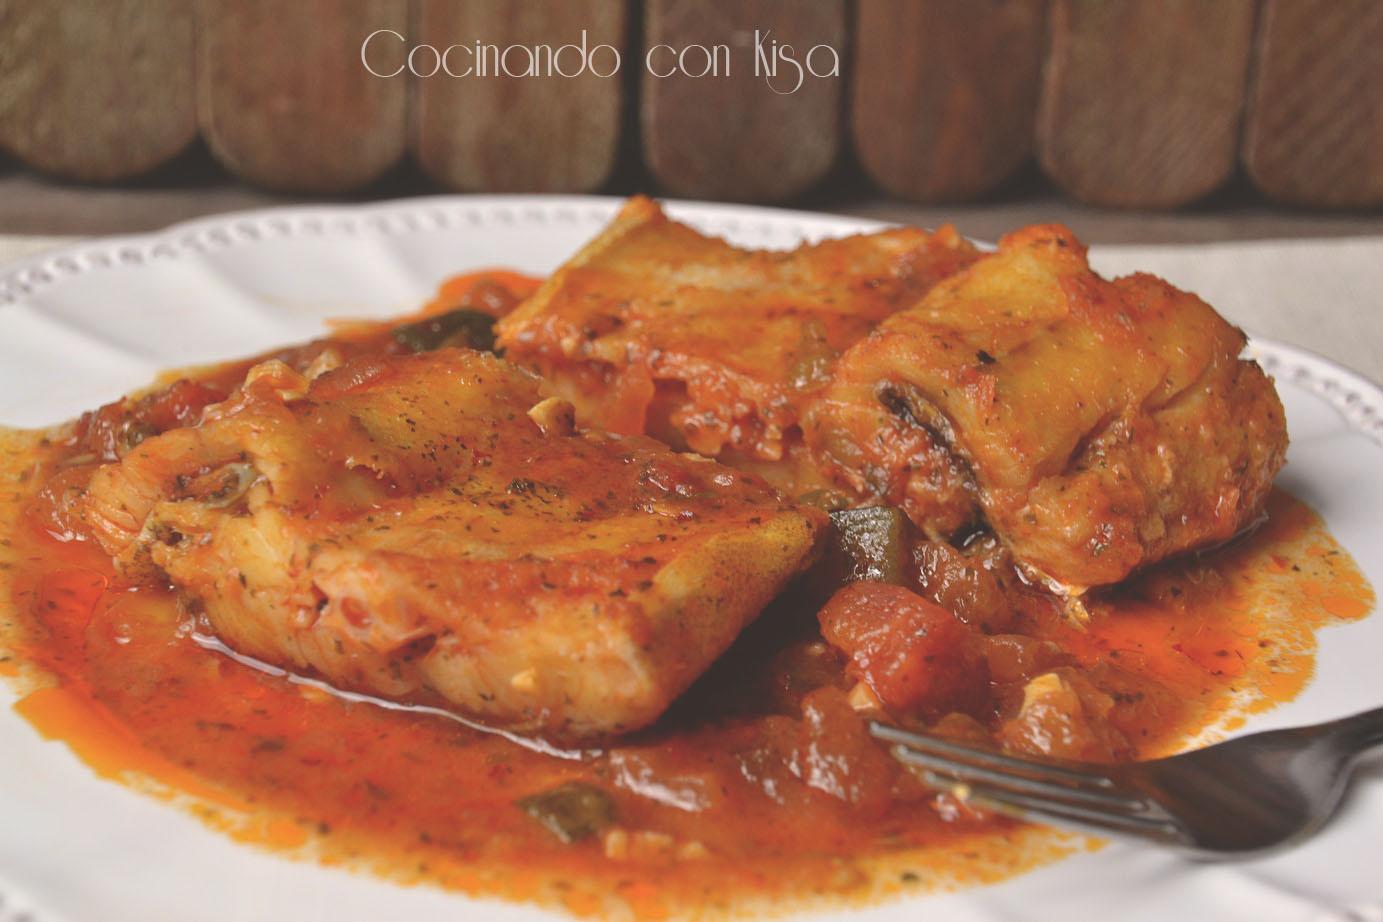 Cocinando con kisa bacalao a la vizca na fussioncook for Cocinando con kisa